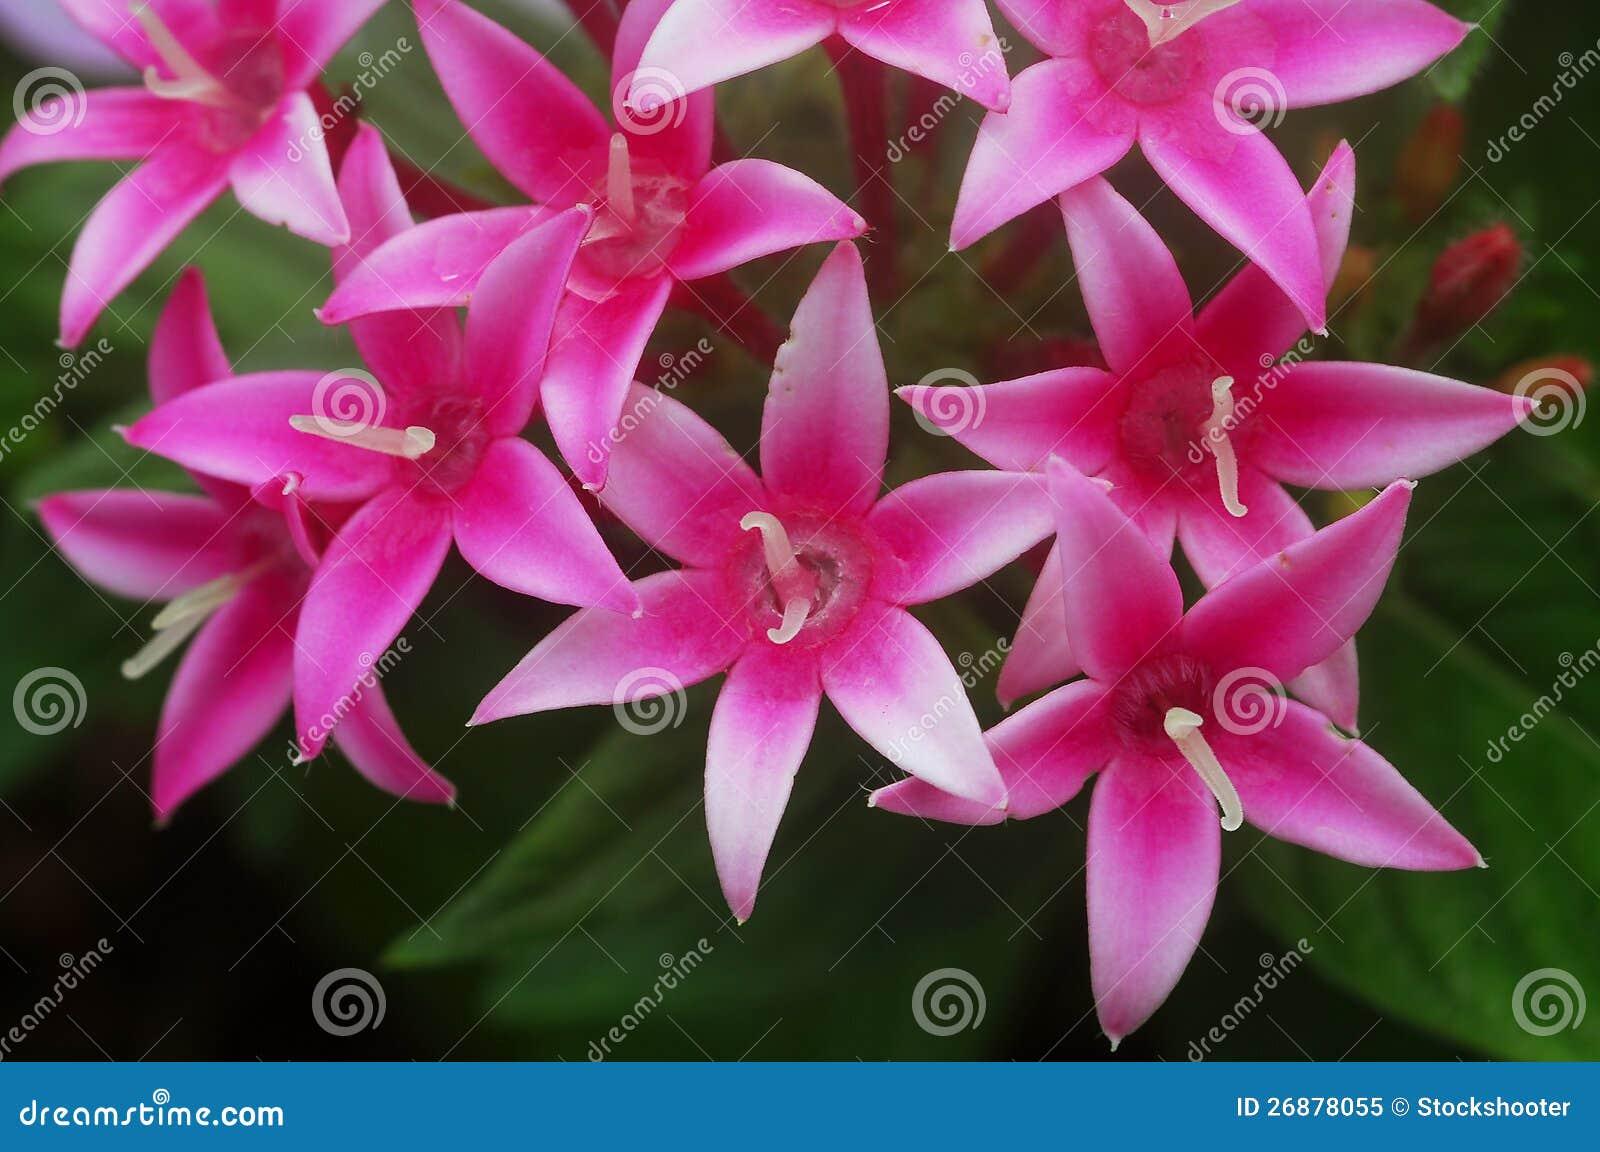 fleur blanche rose de pentas photo libre de droits - image: 26878055